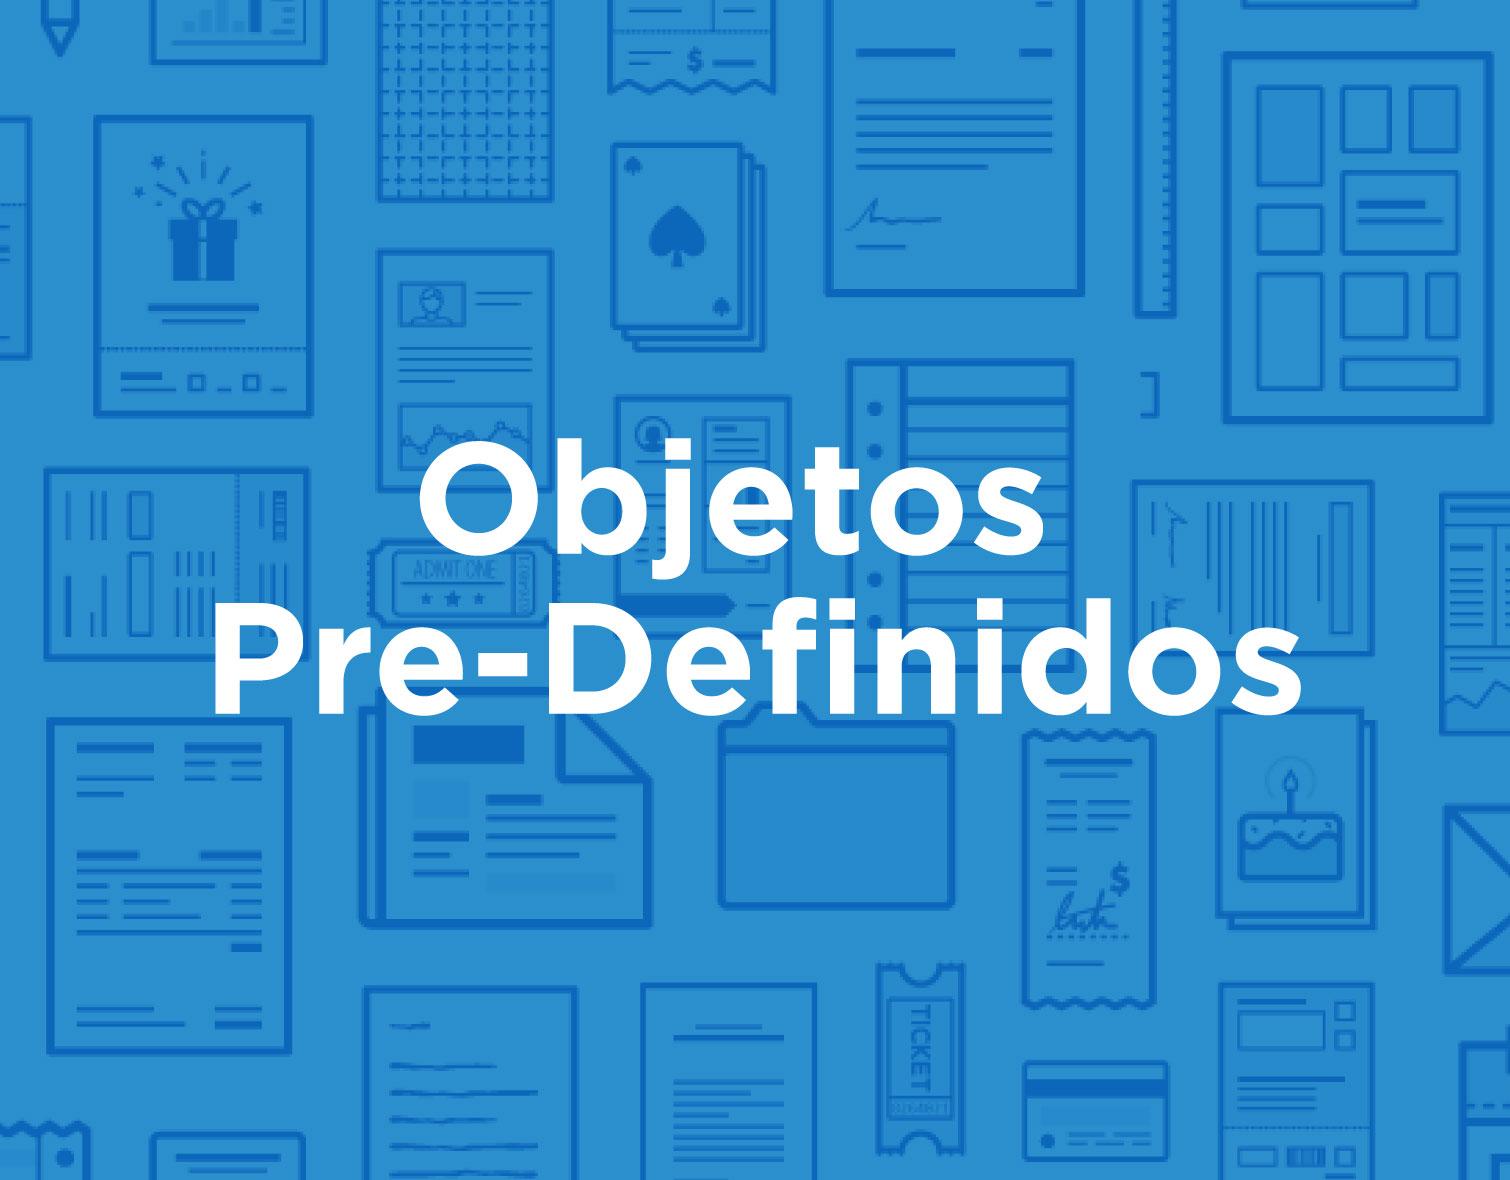 icon_objetos-pre-definidos.jpg